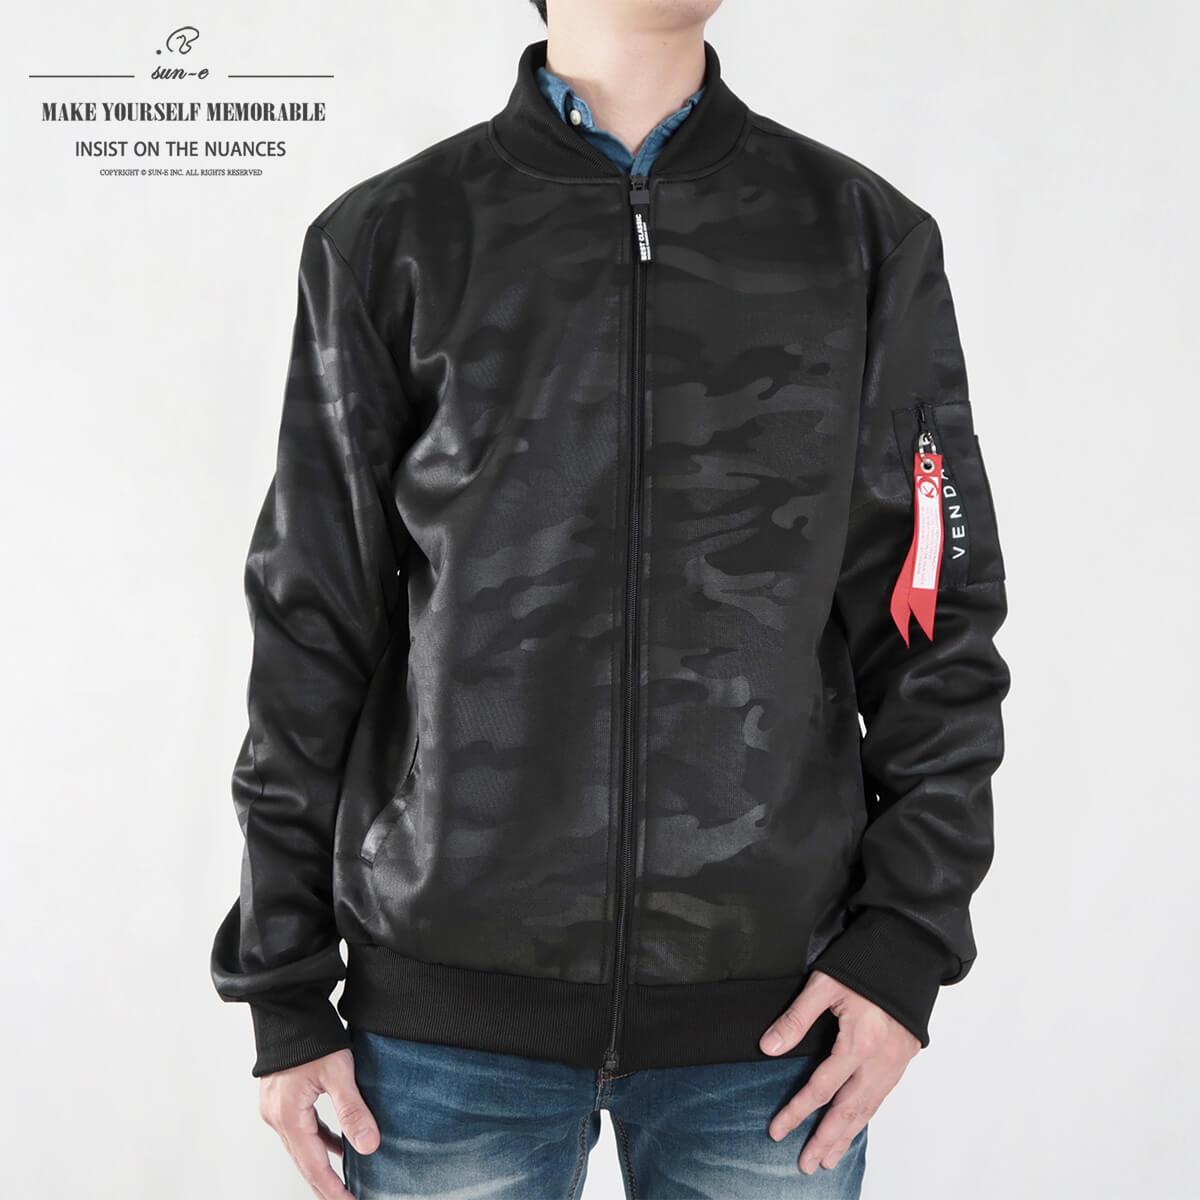 韓版迷彩飛行夾克 MA-1飛行外套 迷彩外套 空軍外套 輕量單層薄外套 MA-1 CAMOUFLAGE FLIGHT JACKET (321-8917-01)深藍色、(321-8917-02)黑色 3L 4L(胸圍48~51英吋) [實體店面保障] sun-e 4